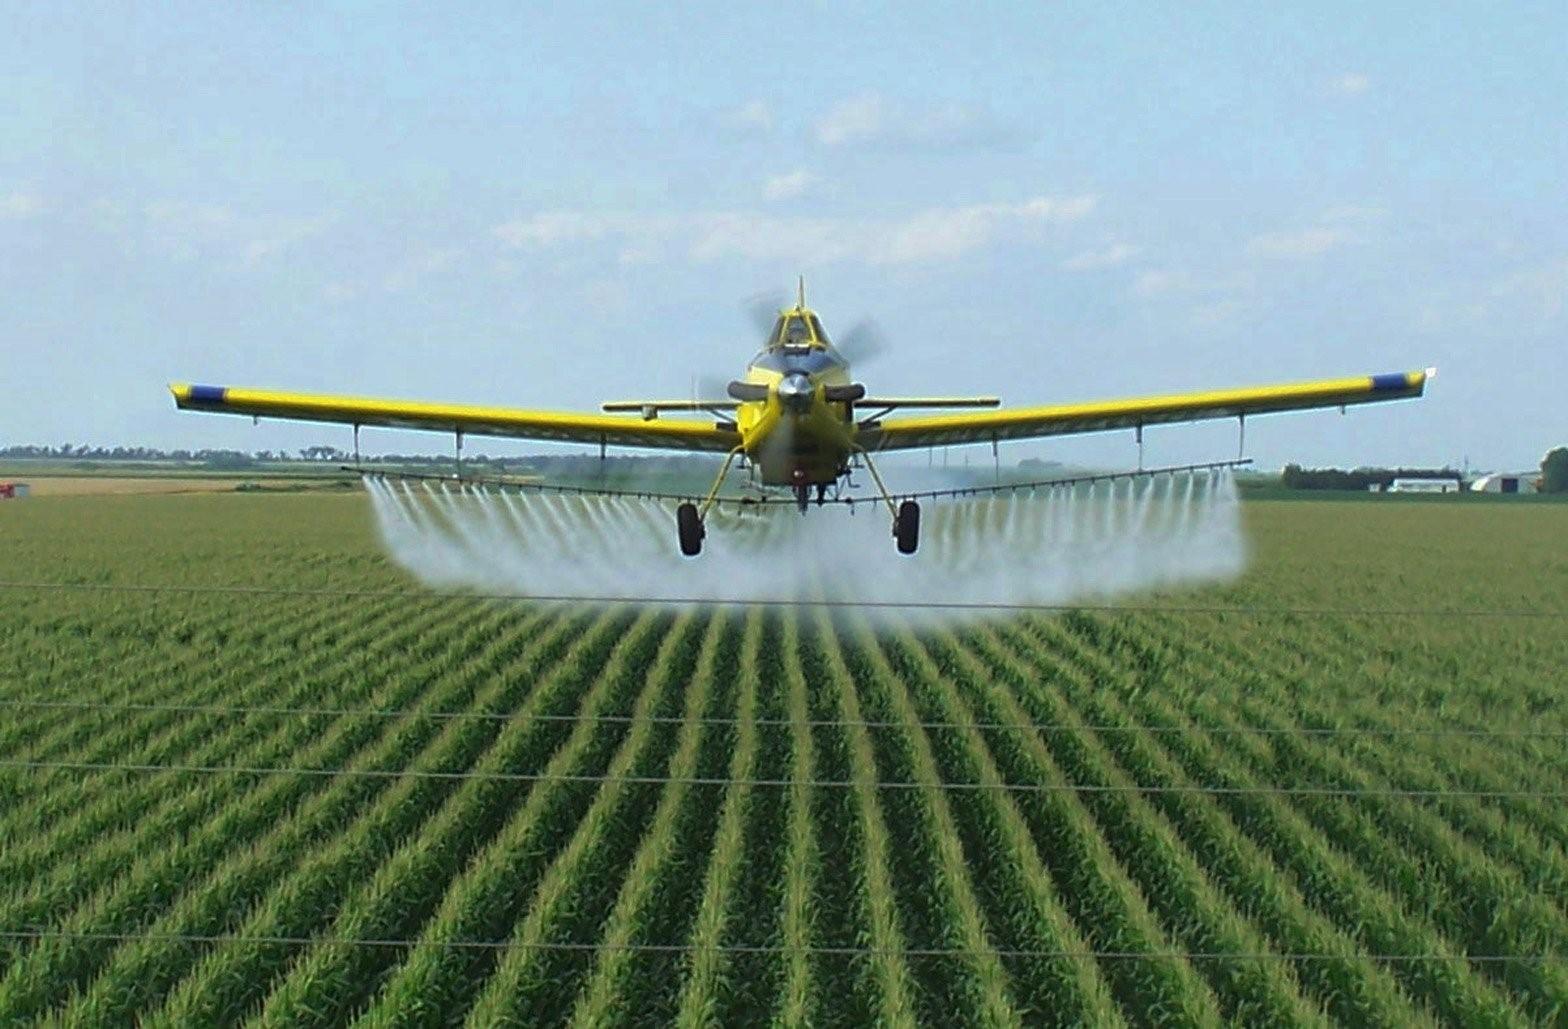 Вимоги до зберігання, використання та застосування пестицидів та агрохімікатів